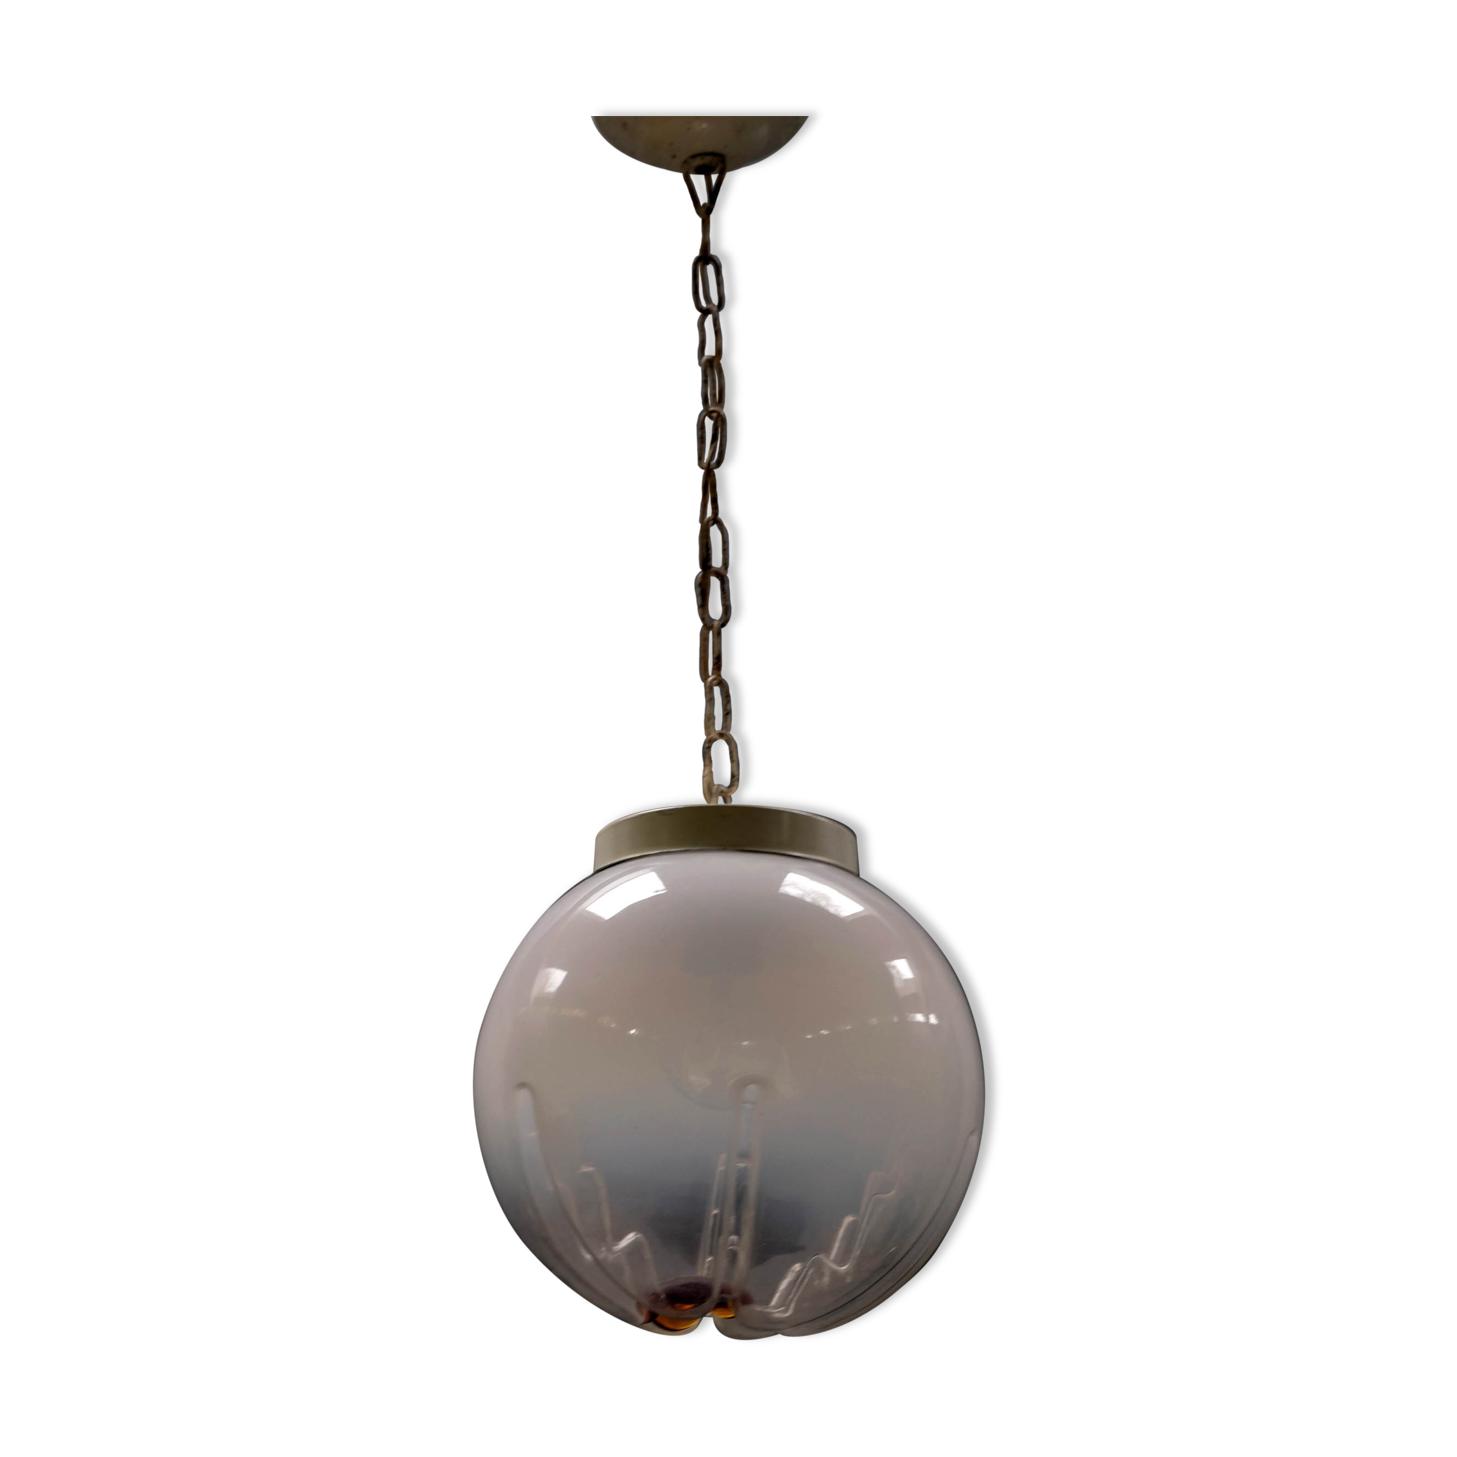 Lampe globe en verre de Murano vintage par Mazzega, Italie années 1960